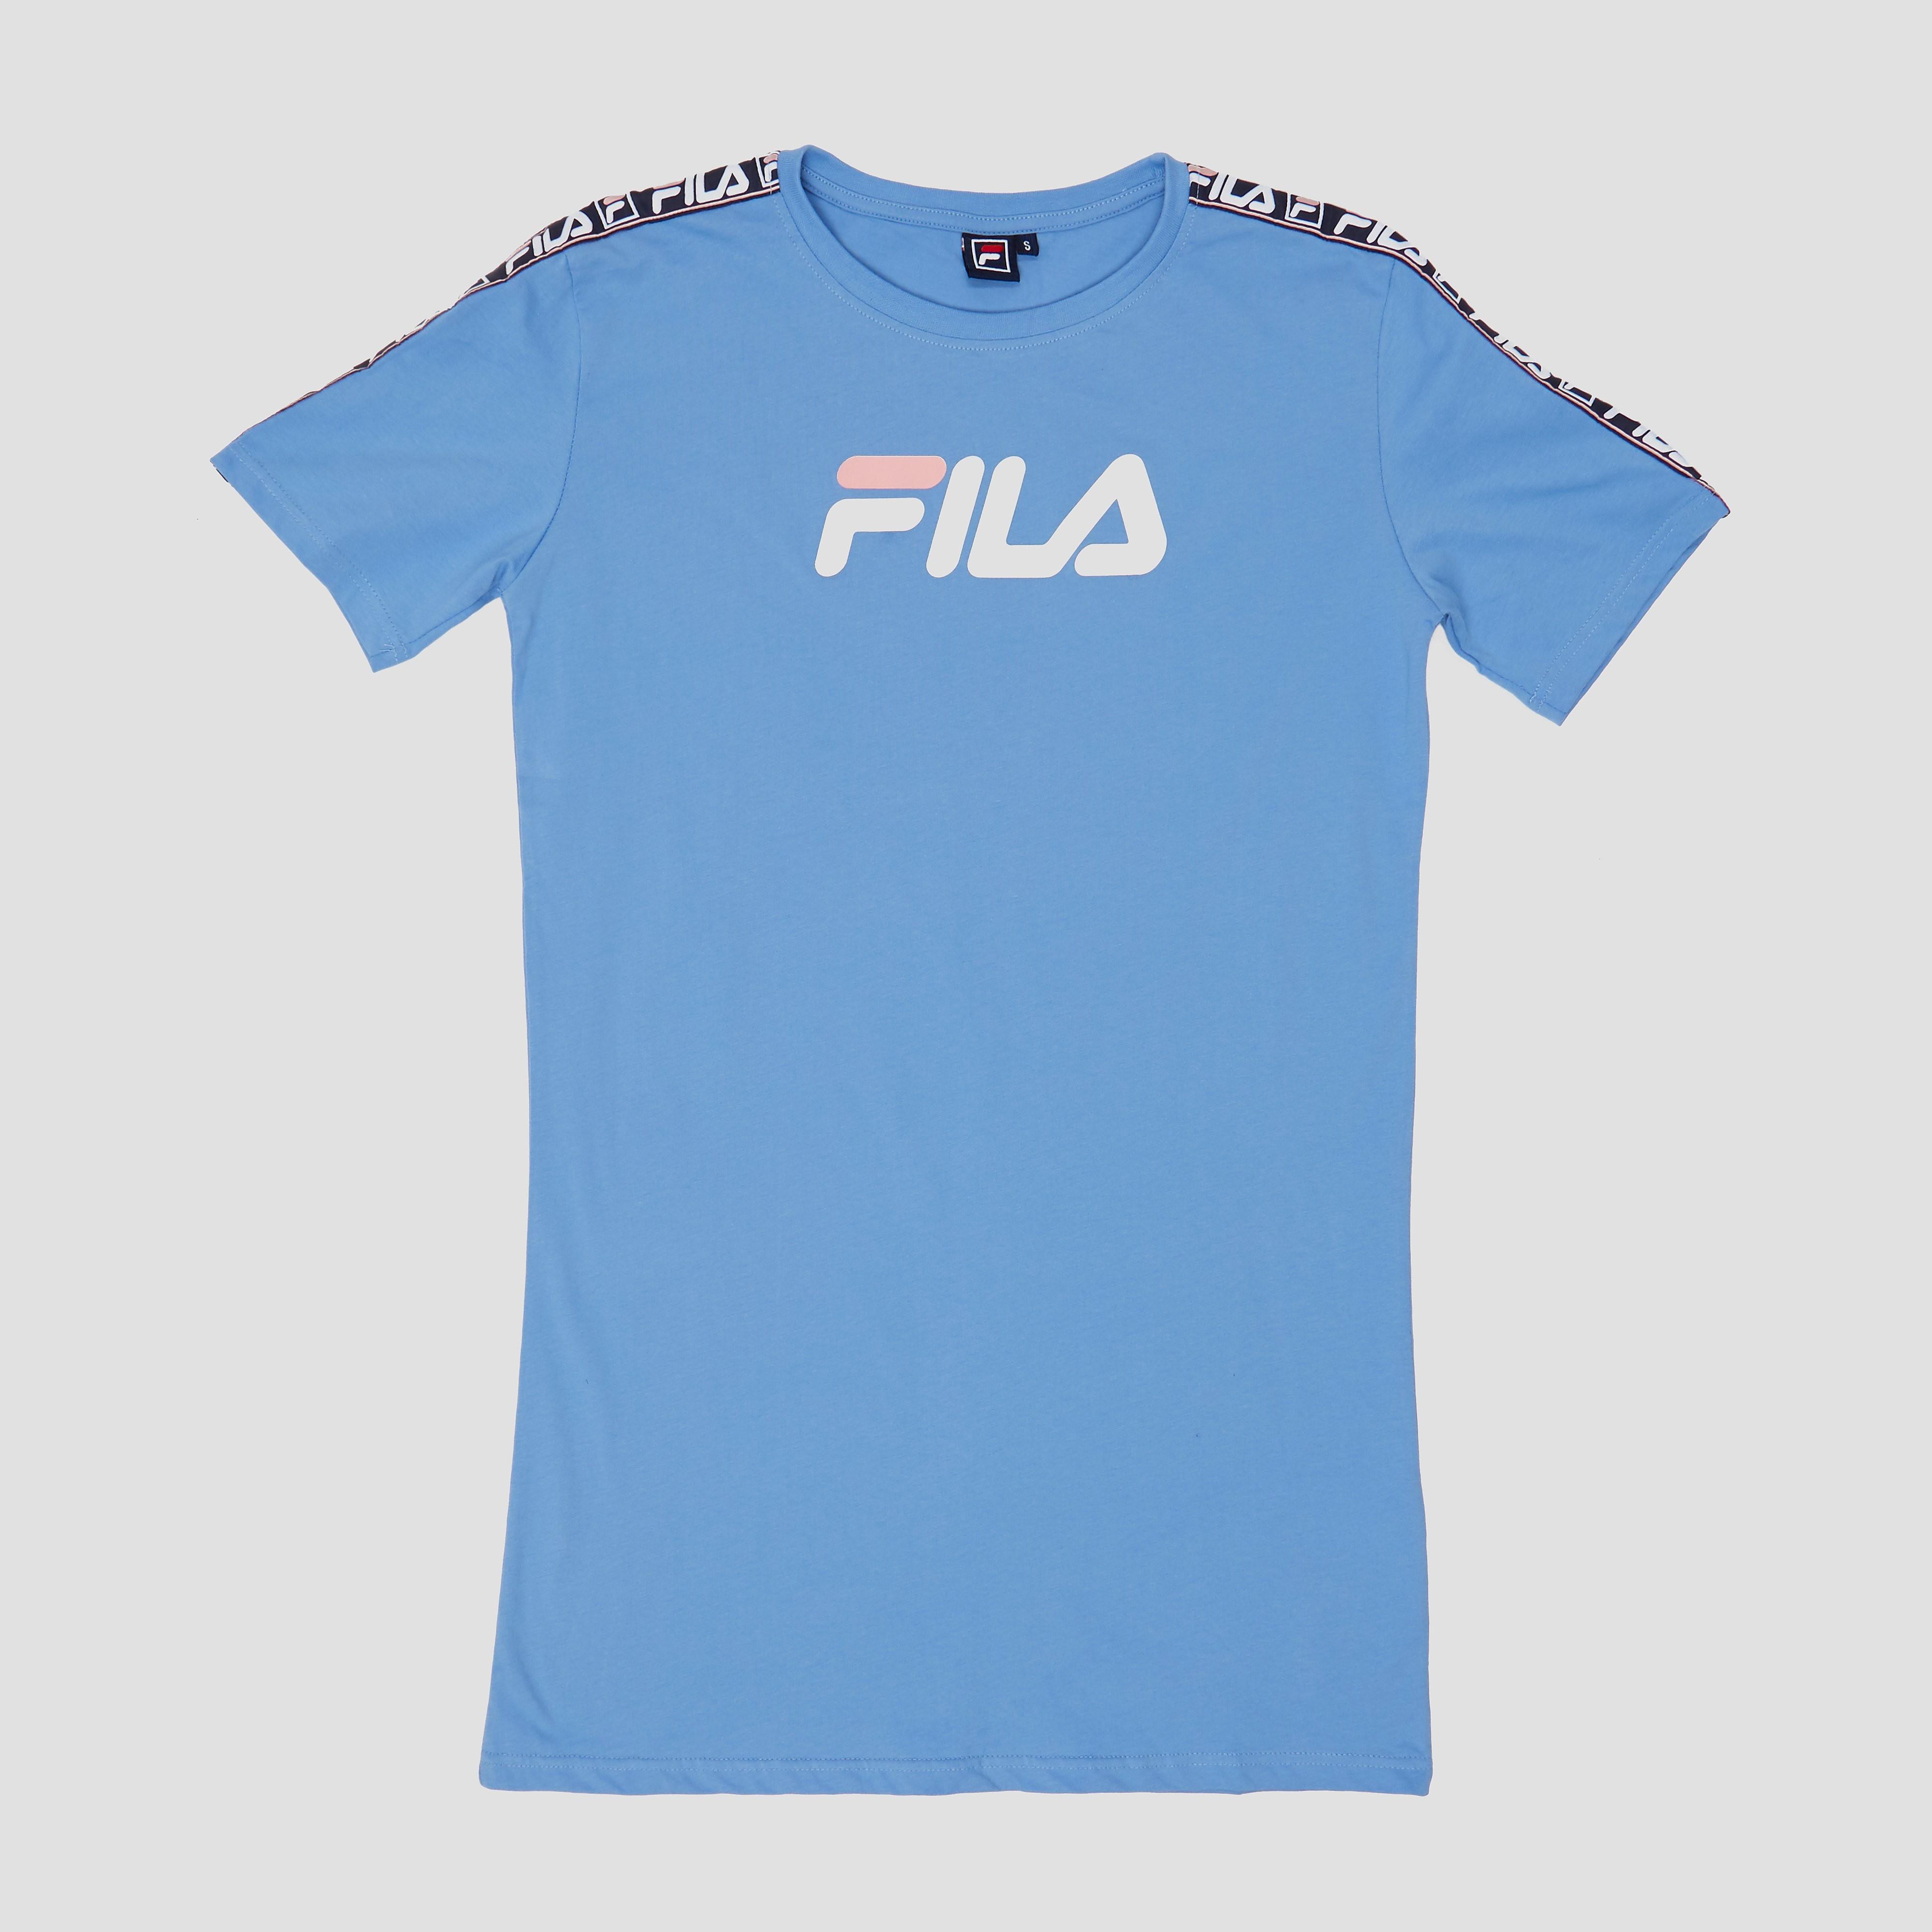 FILA Sammino shirtjurk blauw dames Dames